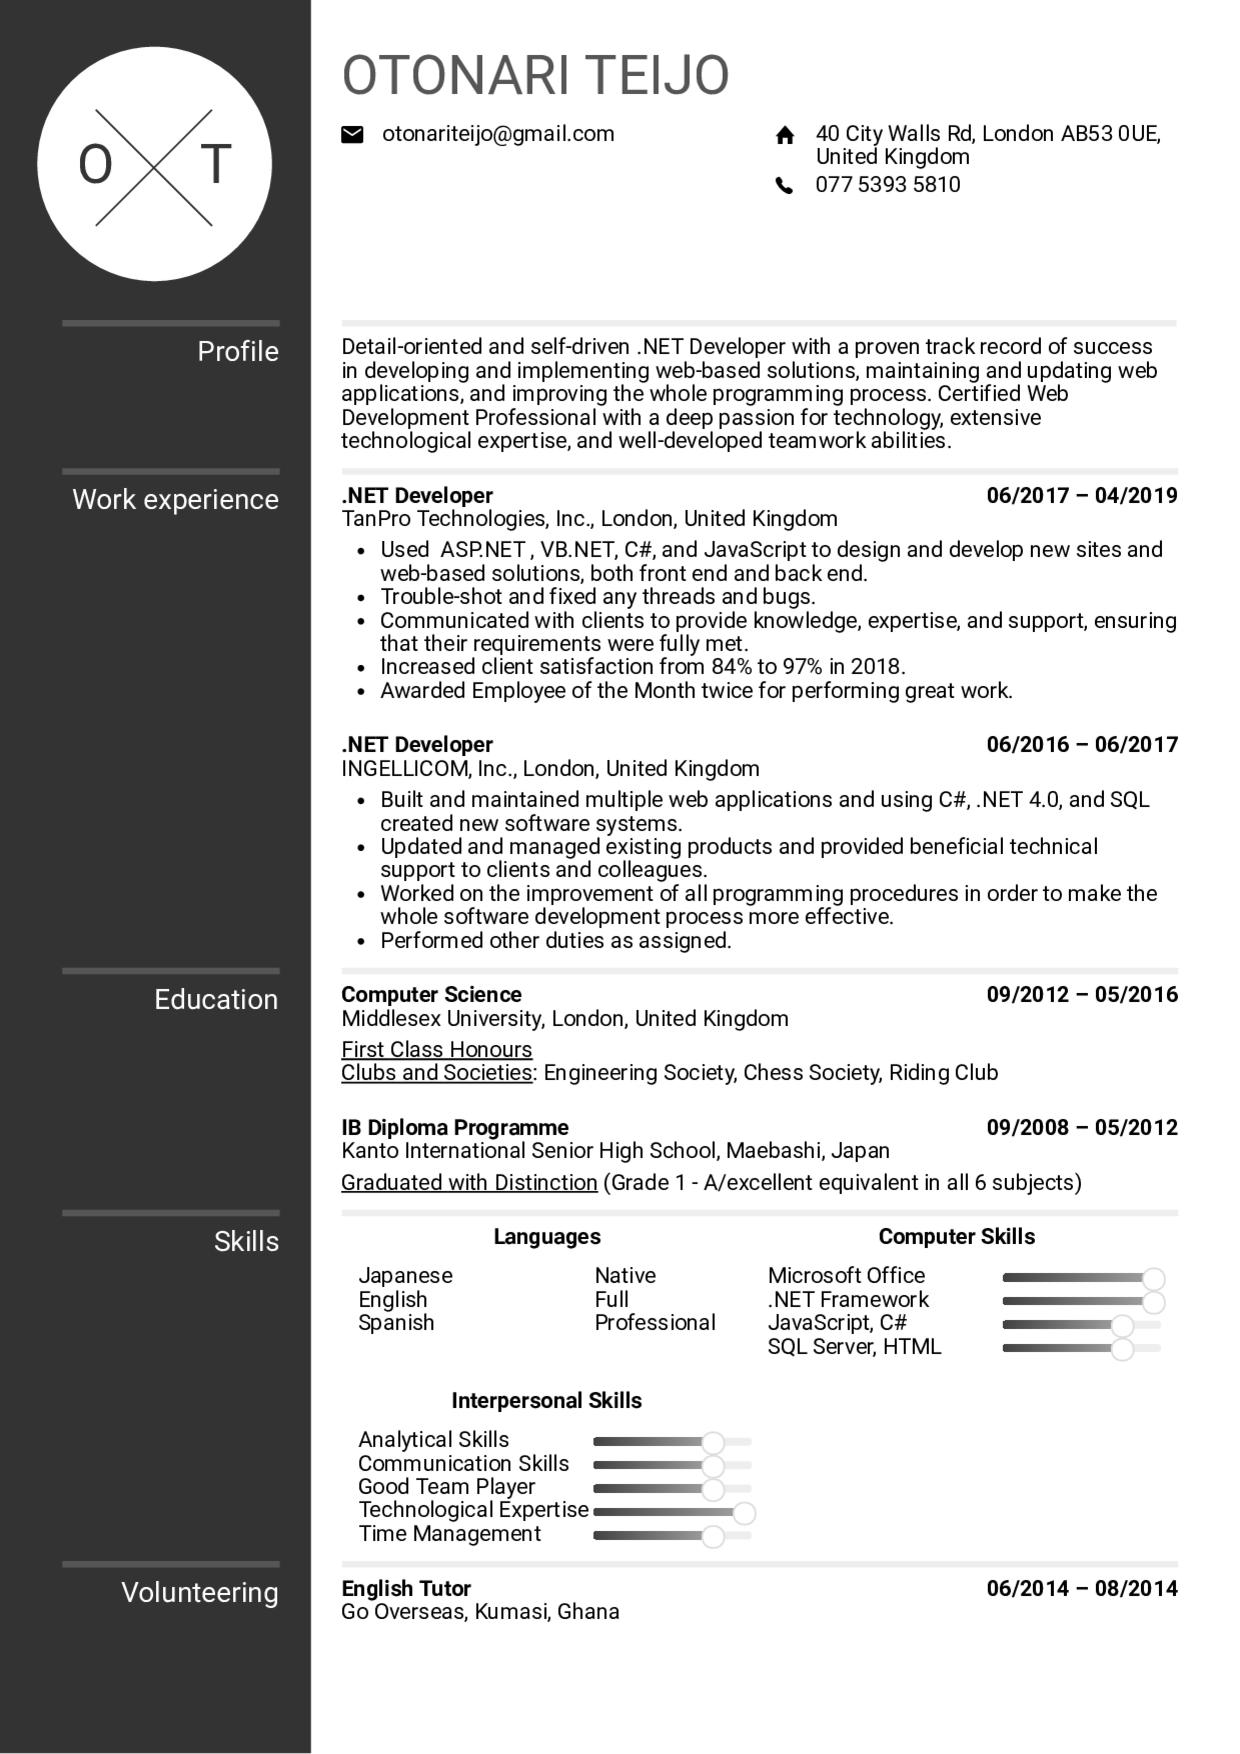 Free Dot Net Developer Resume Samples Professional Resume Templates Resume Template Professional Resume Templates Sample Resume Templates